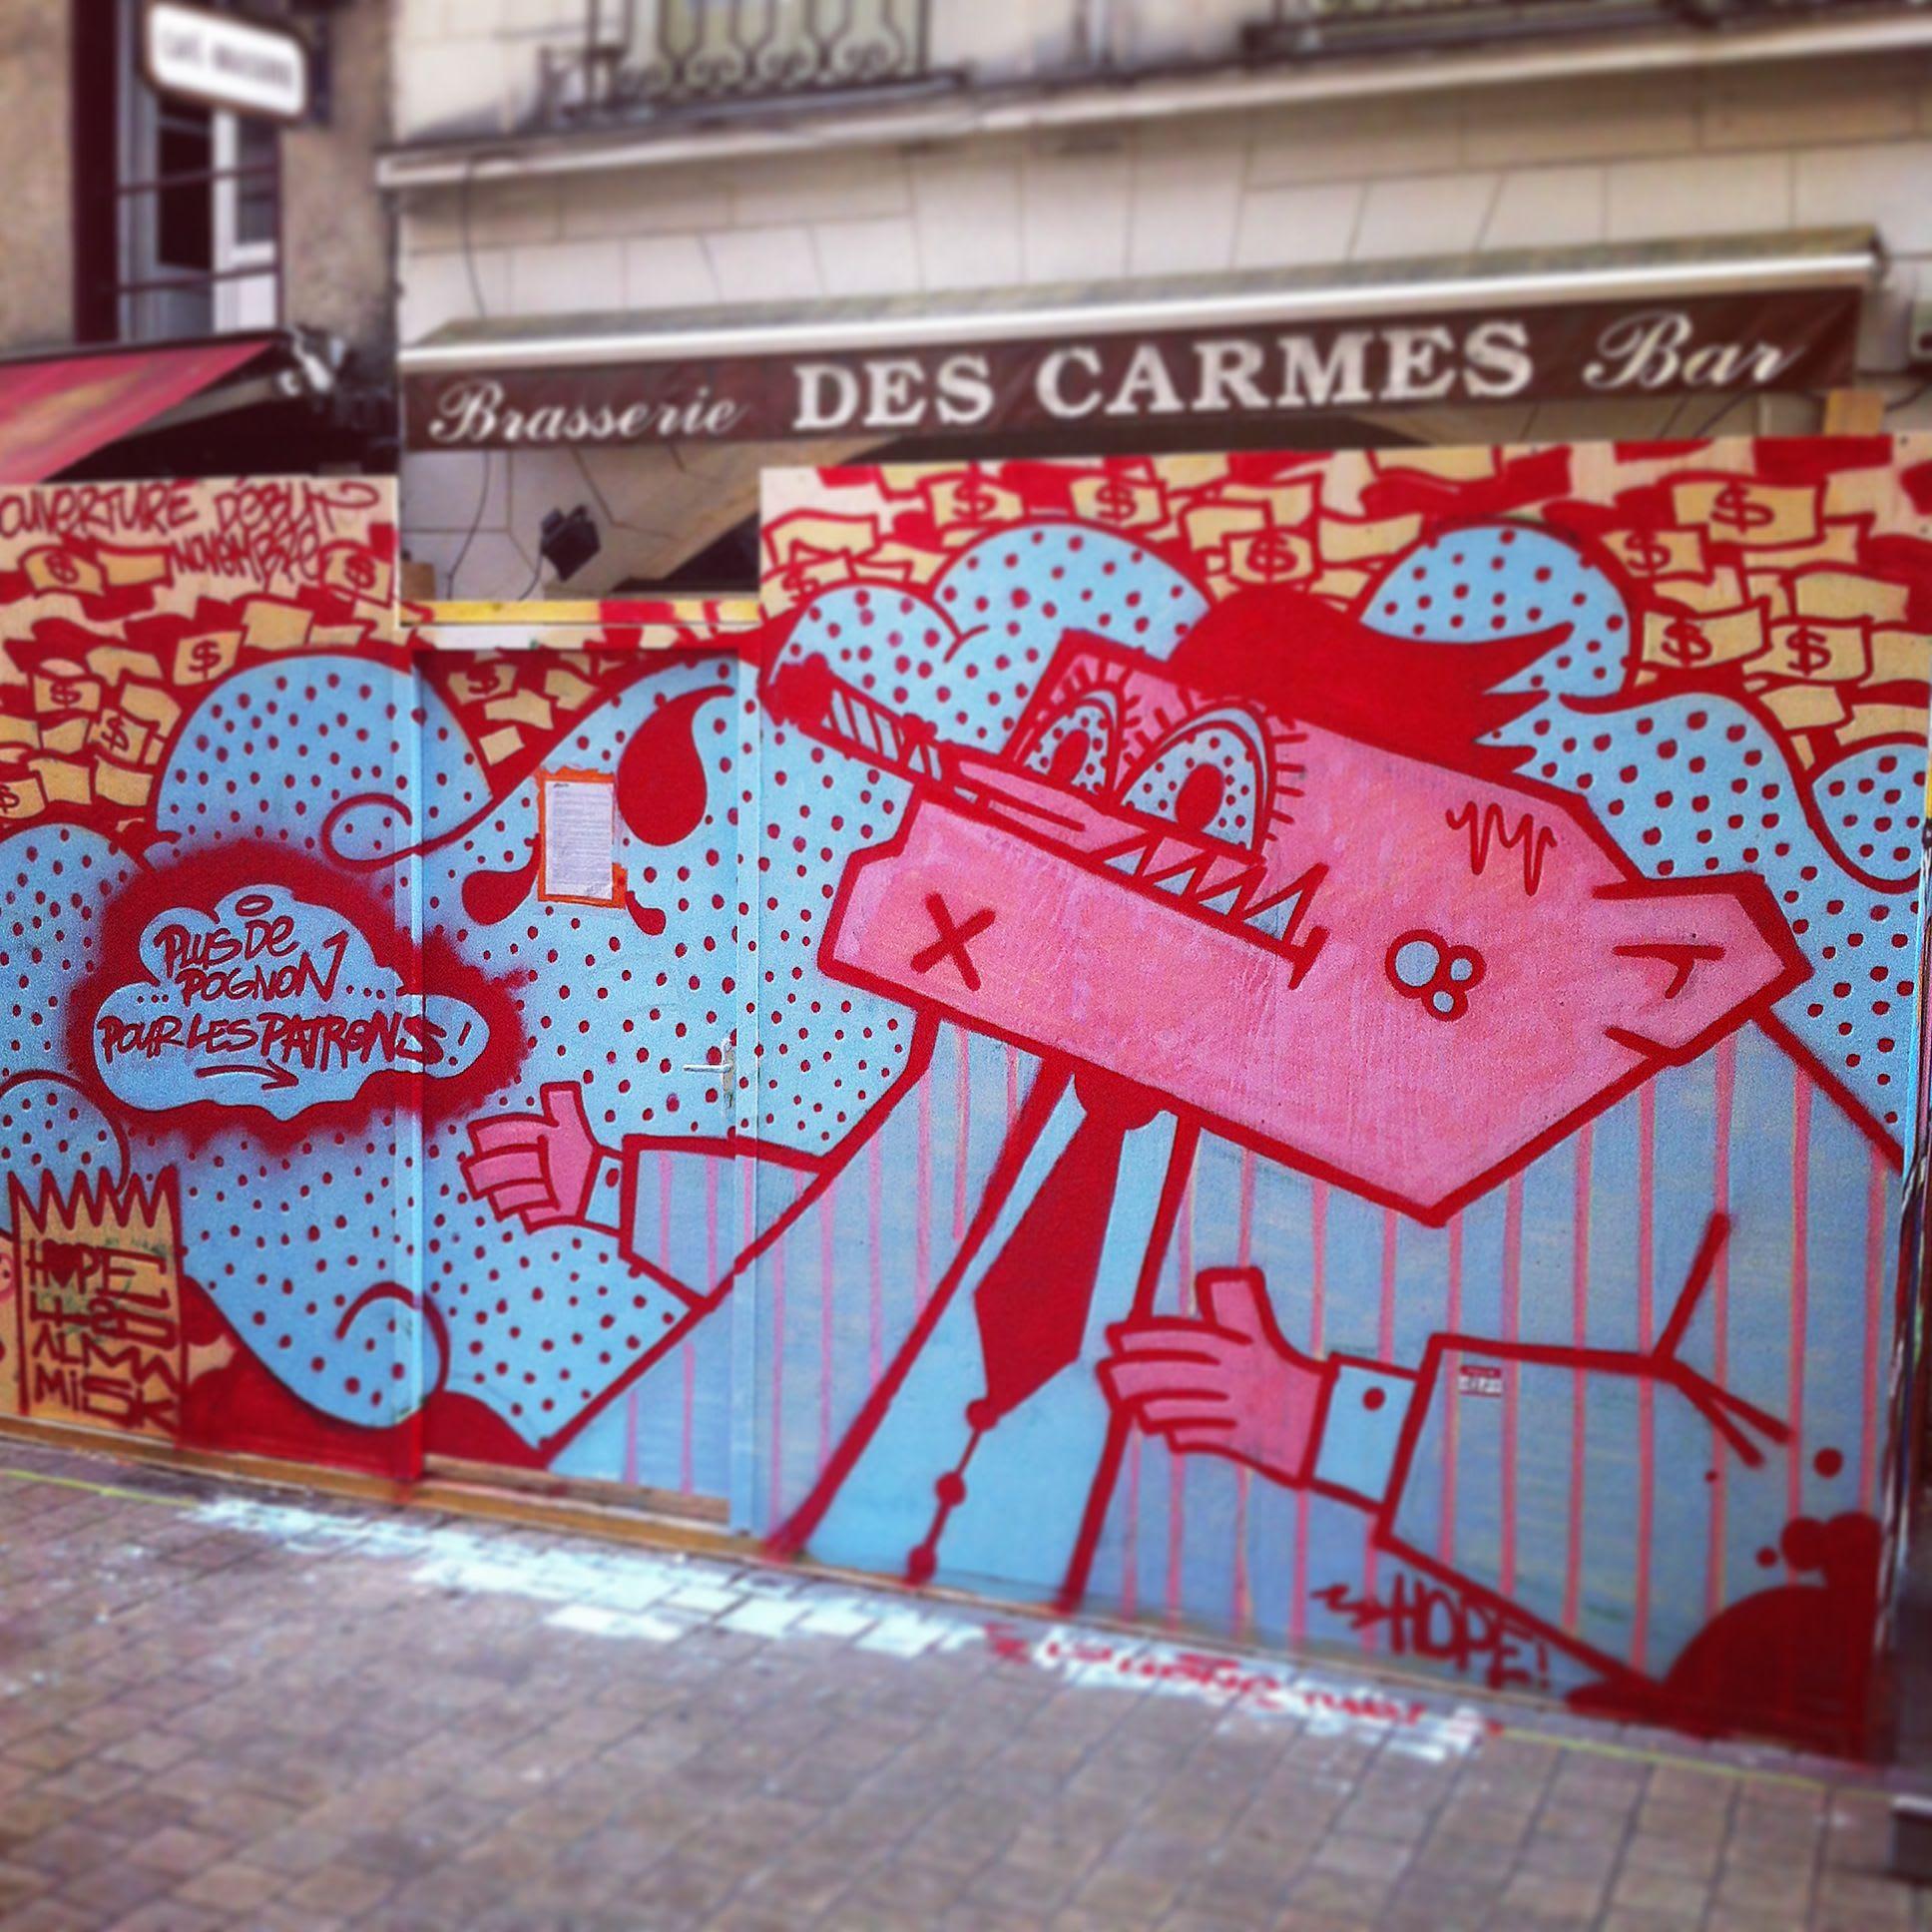 Œuvre Par Mr Hope à Nantes